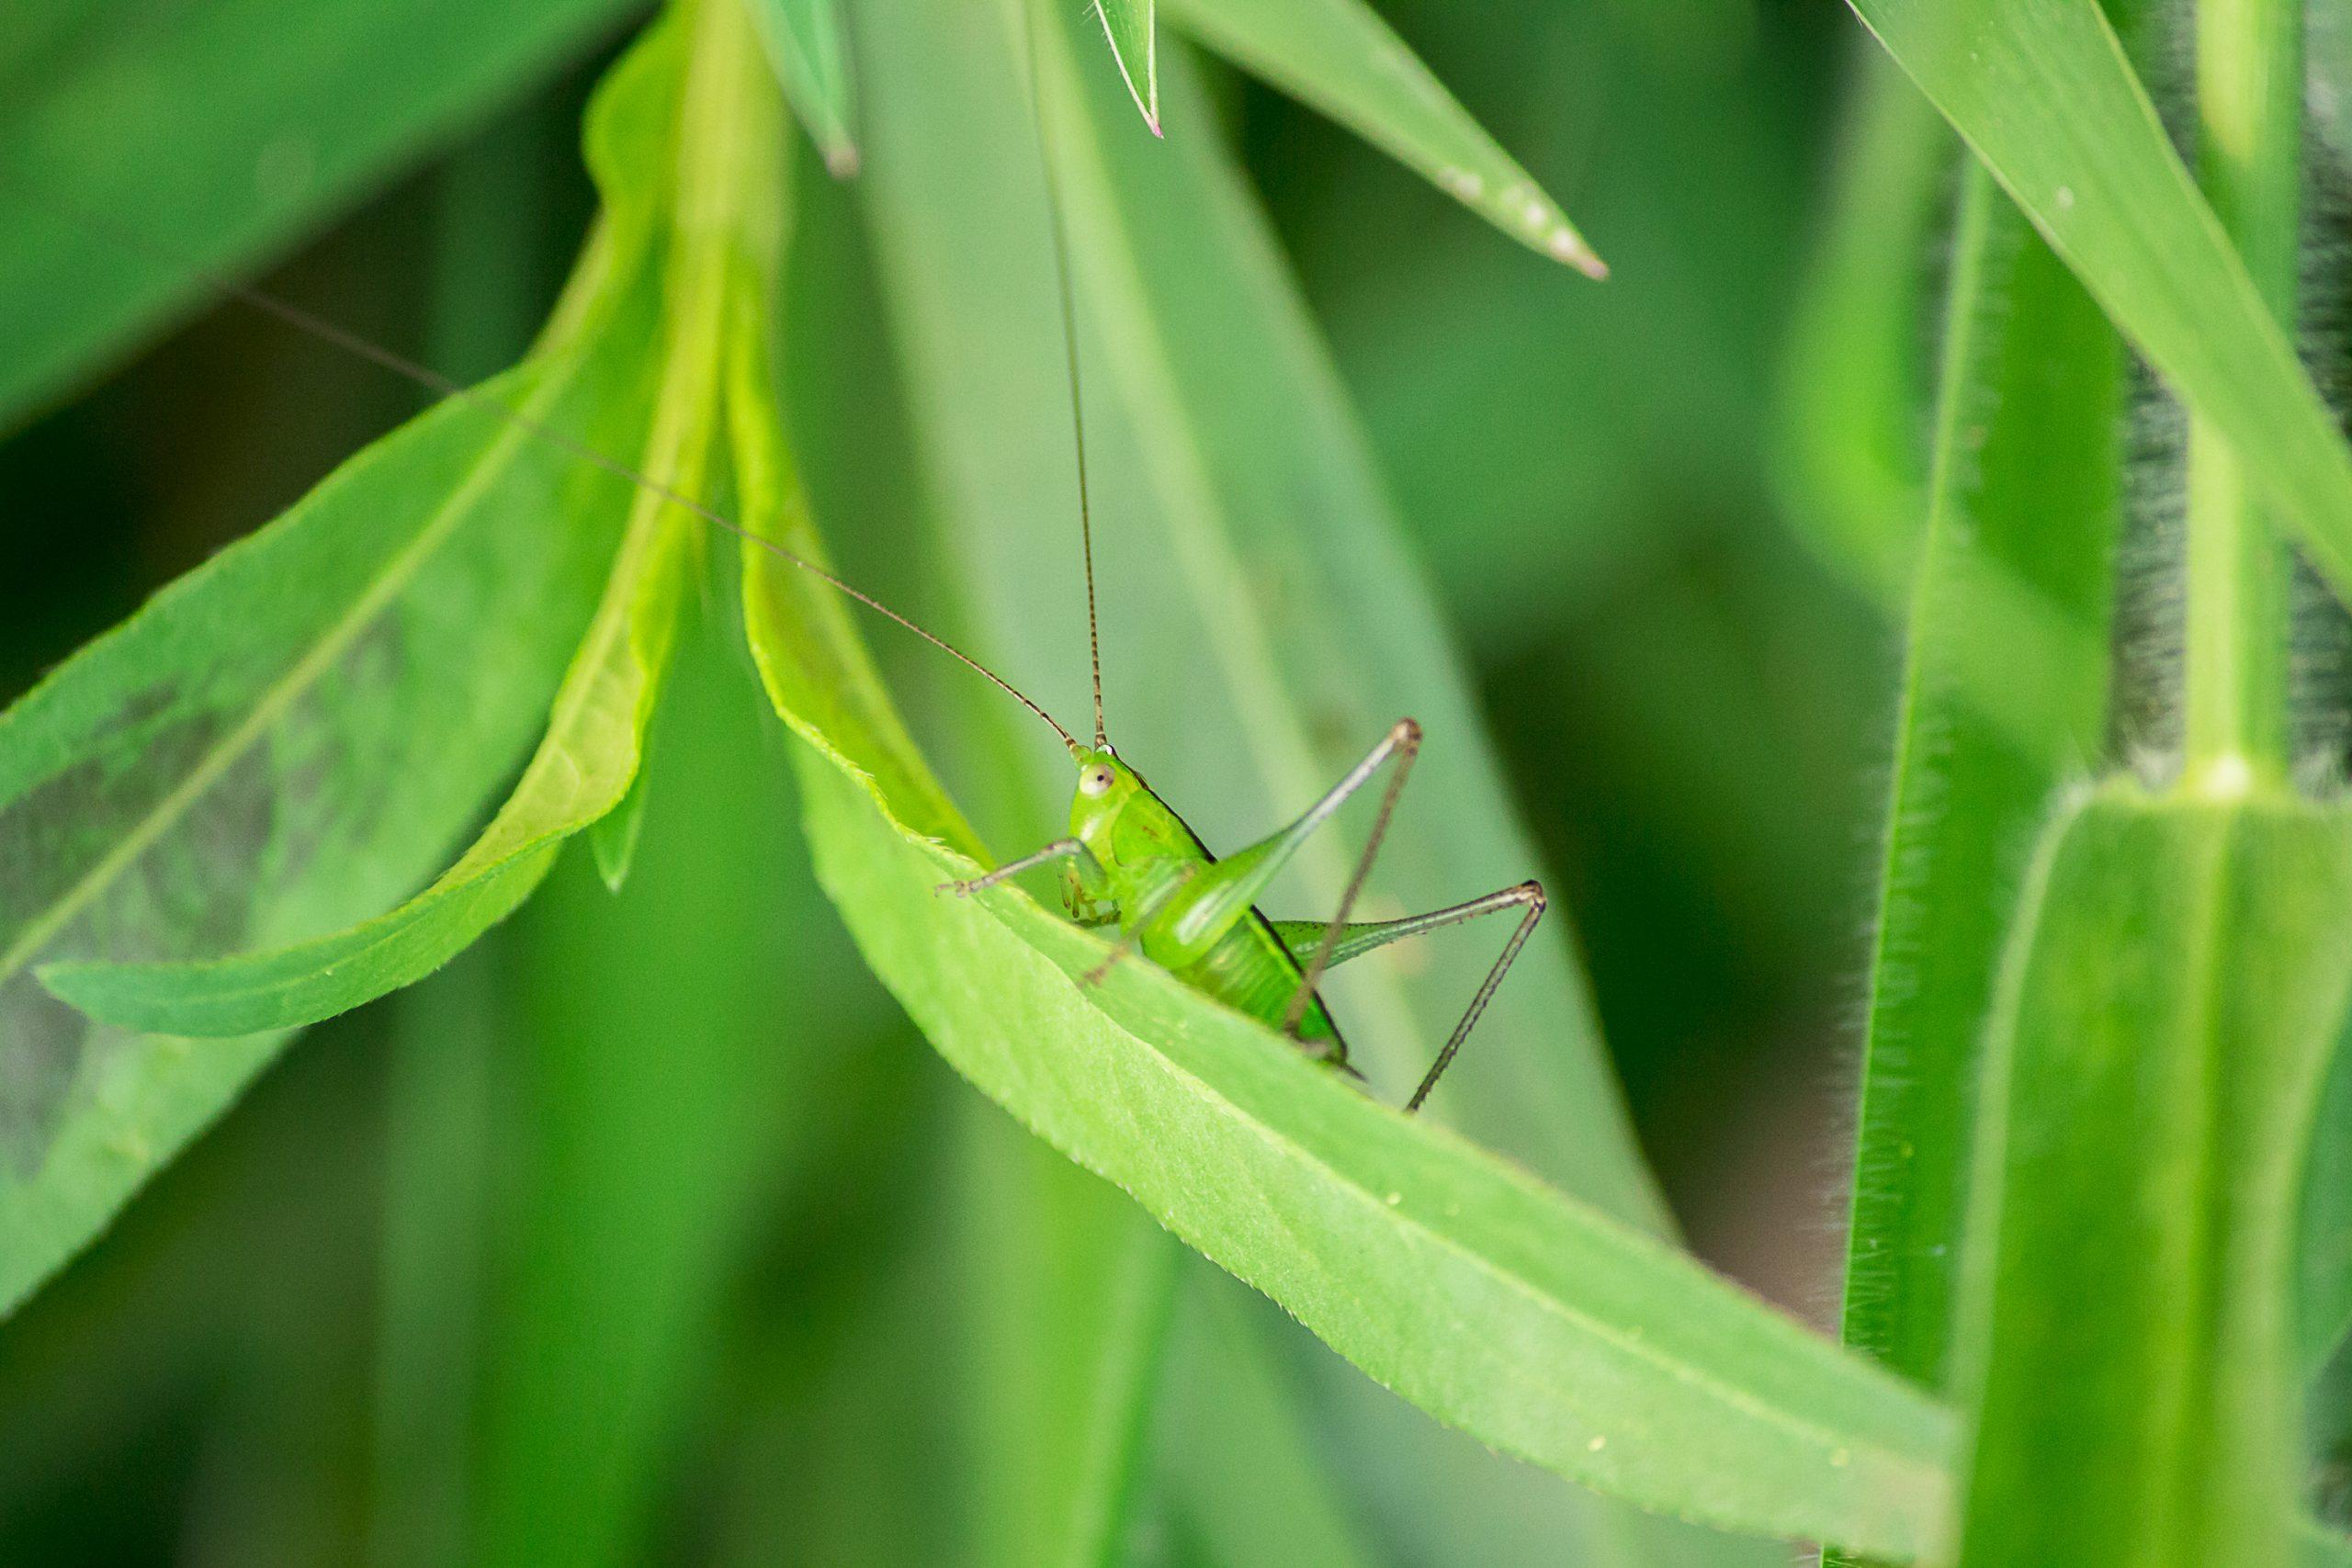 Green Grasshopper sitting on the Leaf